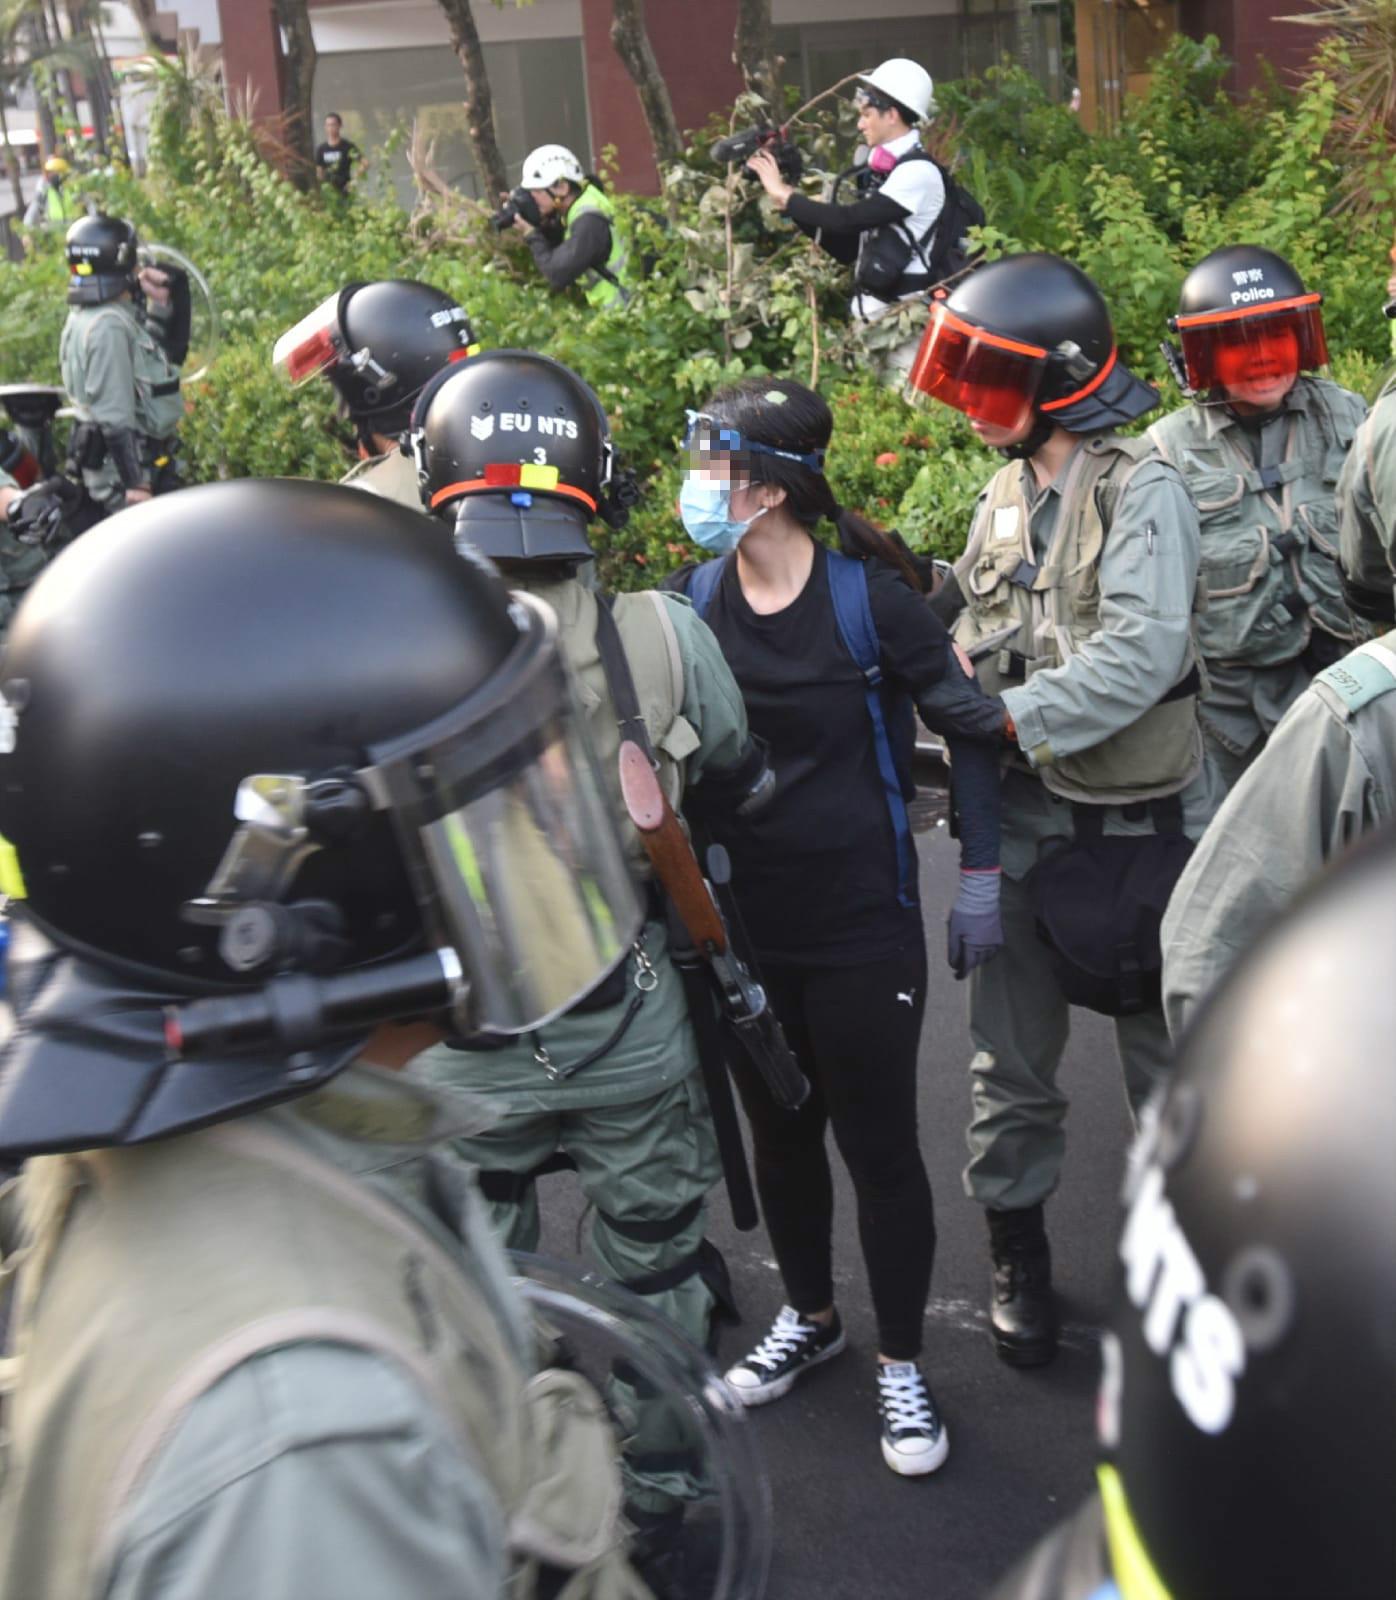 防暴警察制服示威者